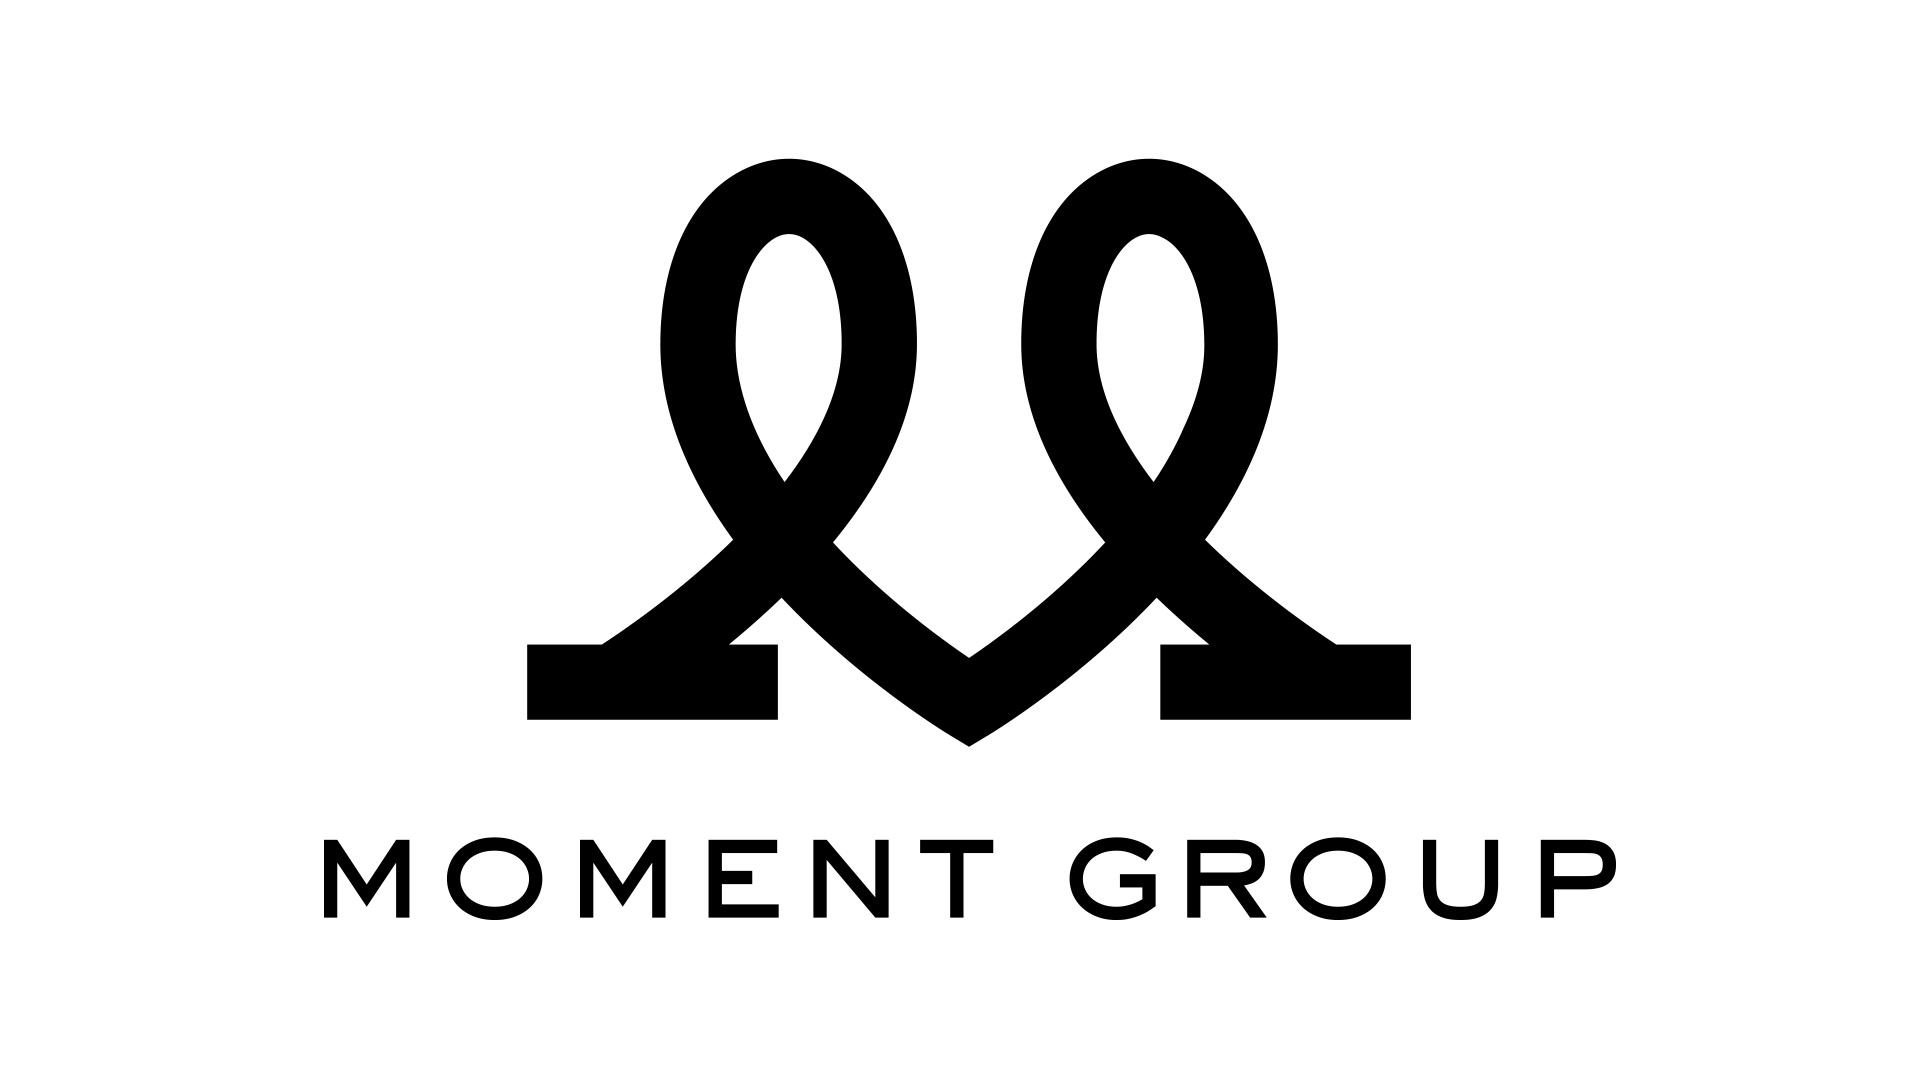 logo-momentgroup.jpg